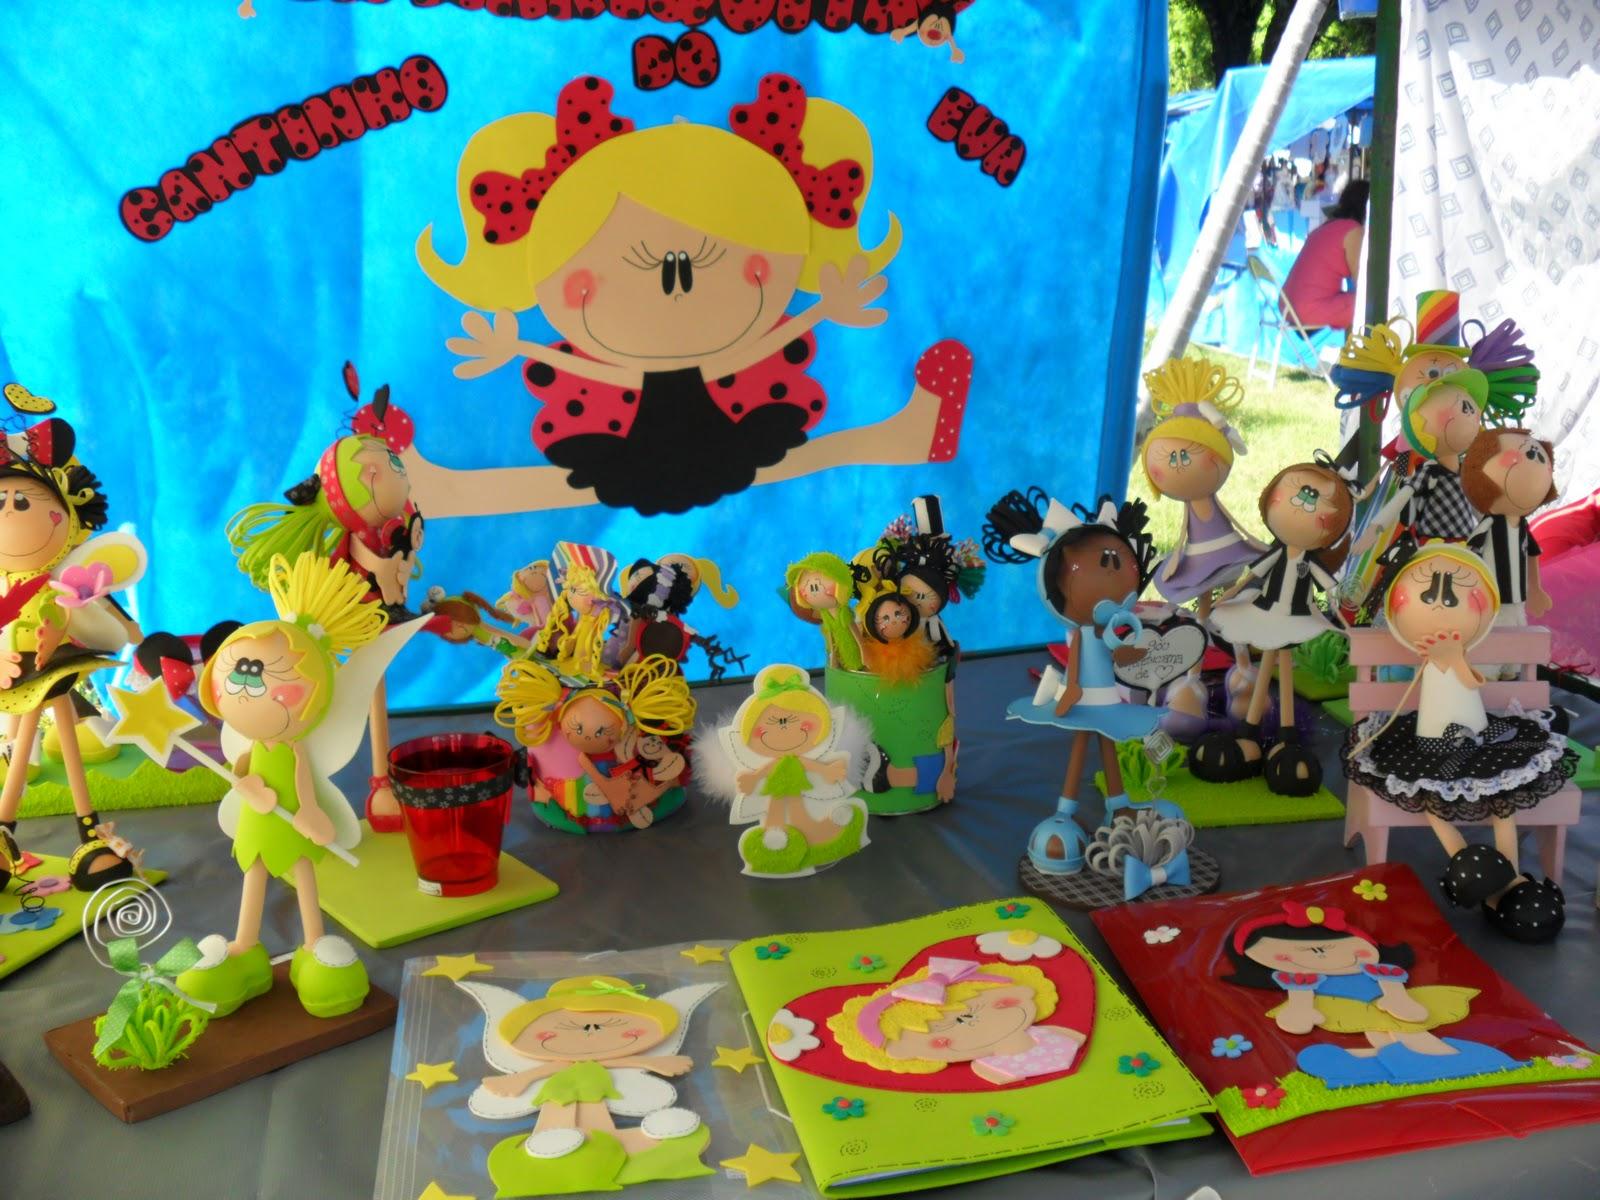 Arte Minha Artesanato São Carlos ~ Ronise Mendes Artesanato Arte em E v a Minha barraca na feira de artesanato em MONTES CLAROS